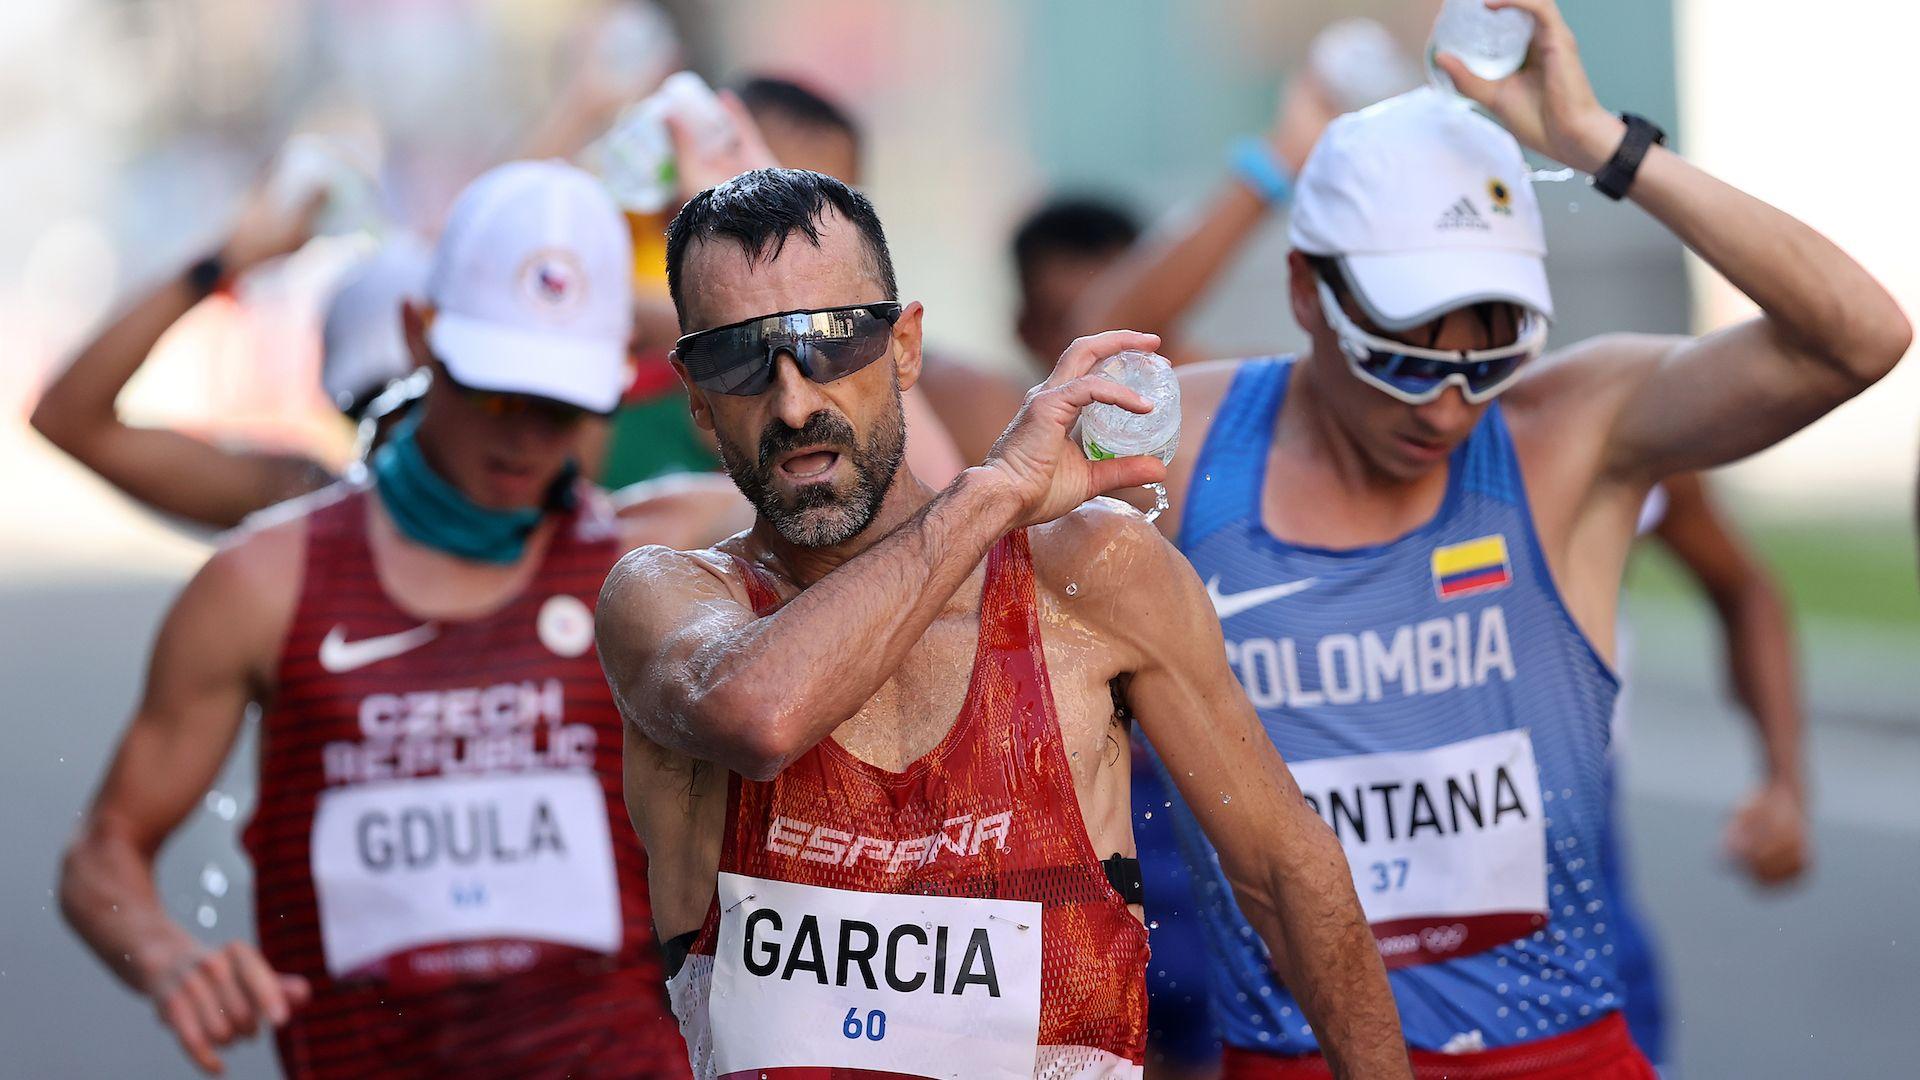 Няма стари и млади: 51-годишен испанец с рекордно осмо участие на Олимпиада